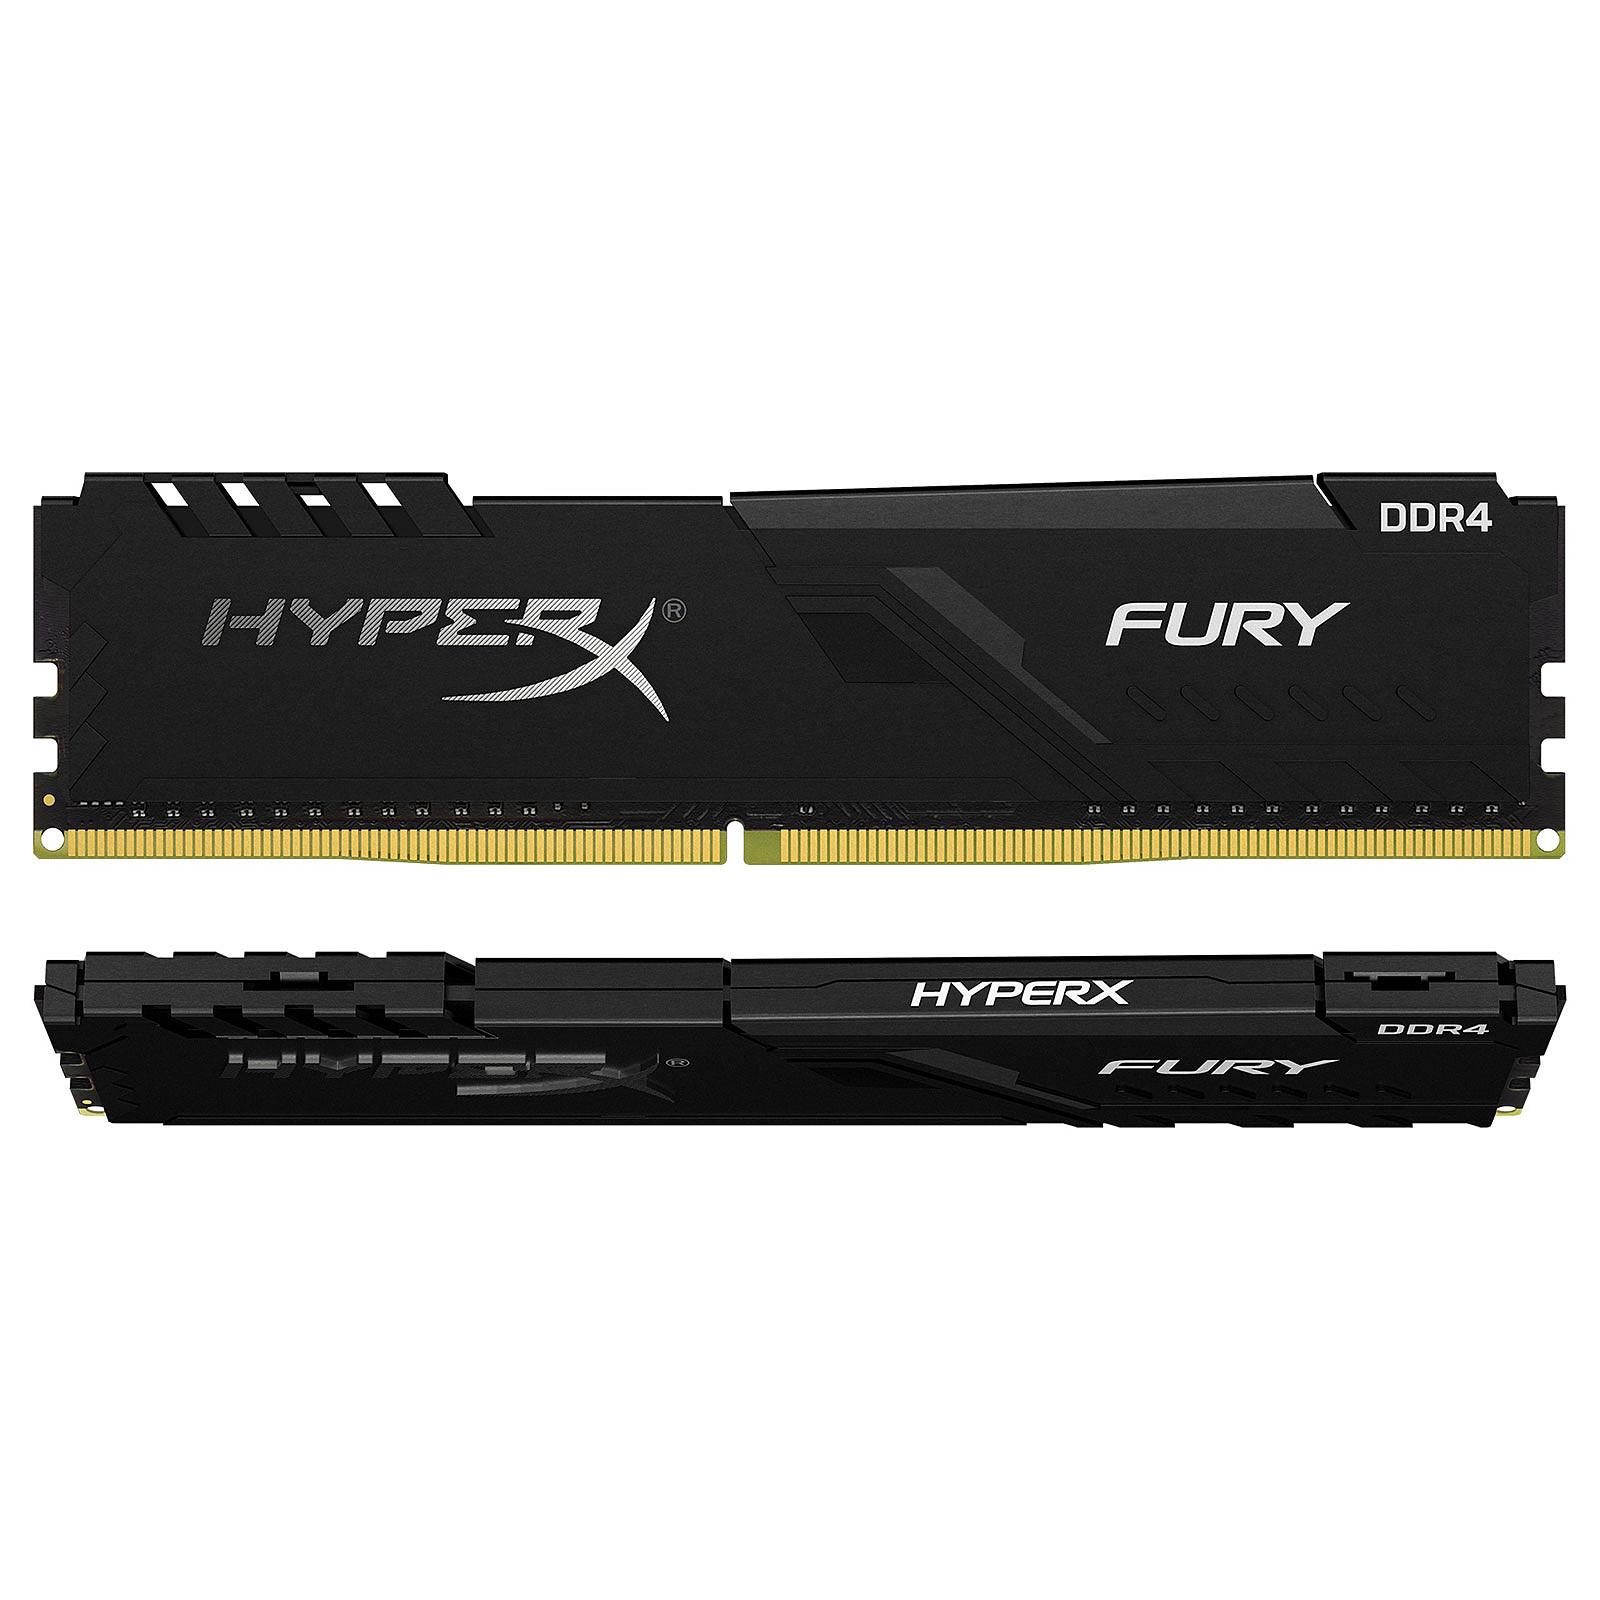 HyperX Fury 16 Go (2 x 8 Go) DDR4 2400 MHz CL15